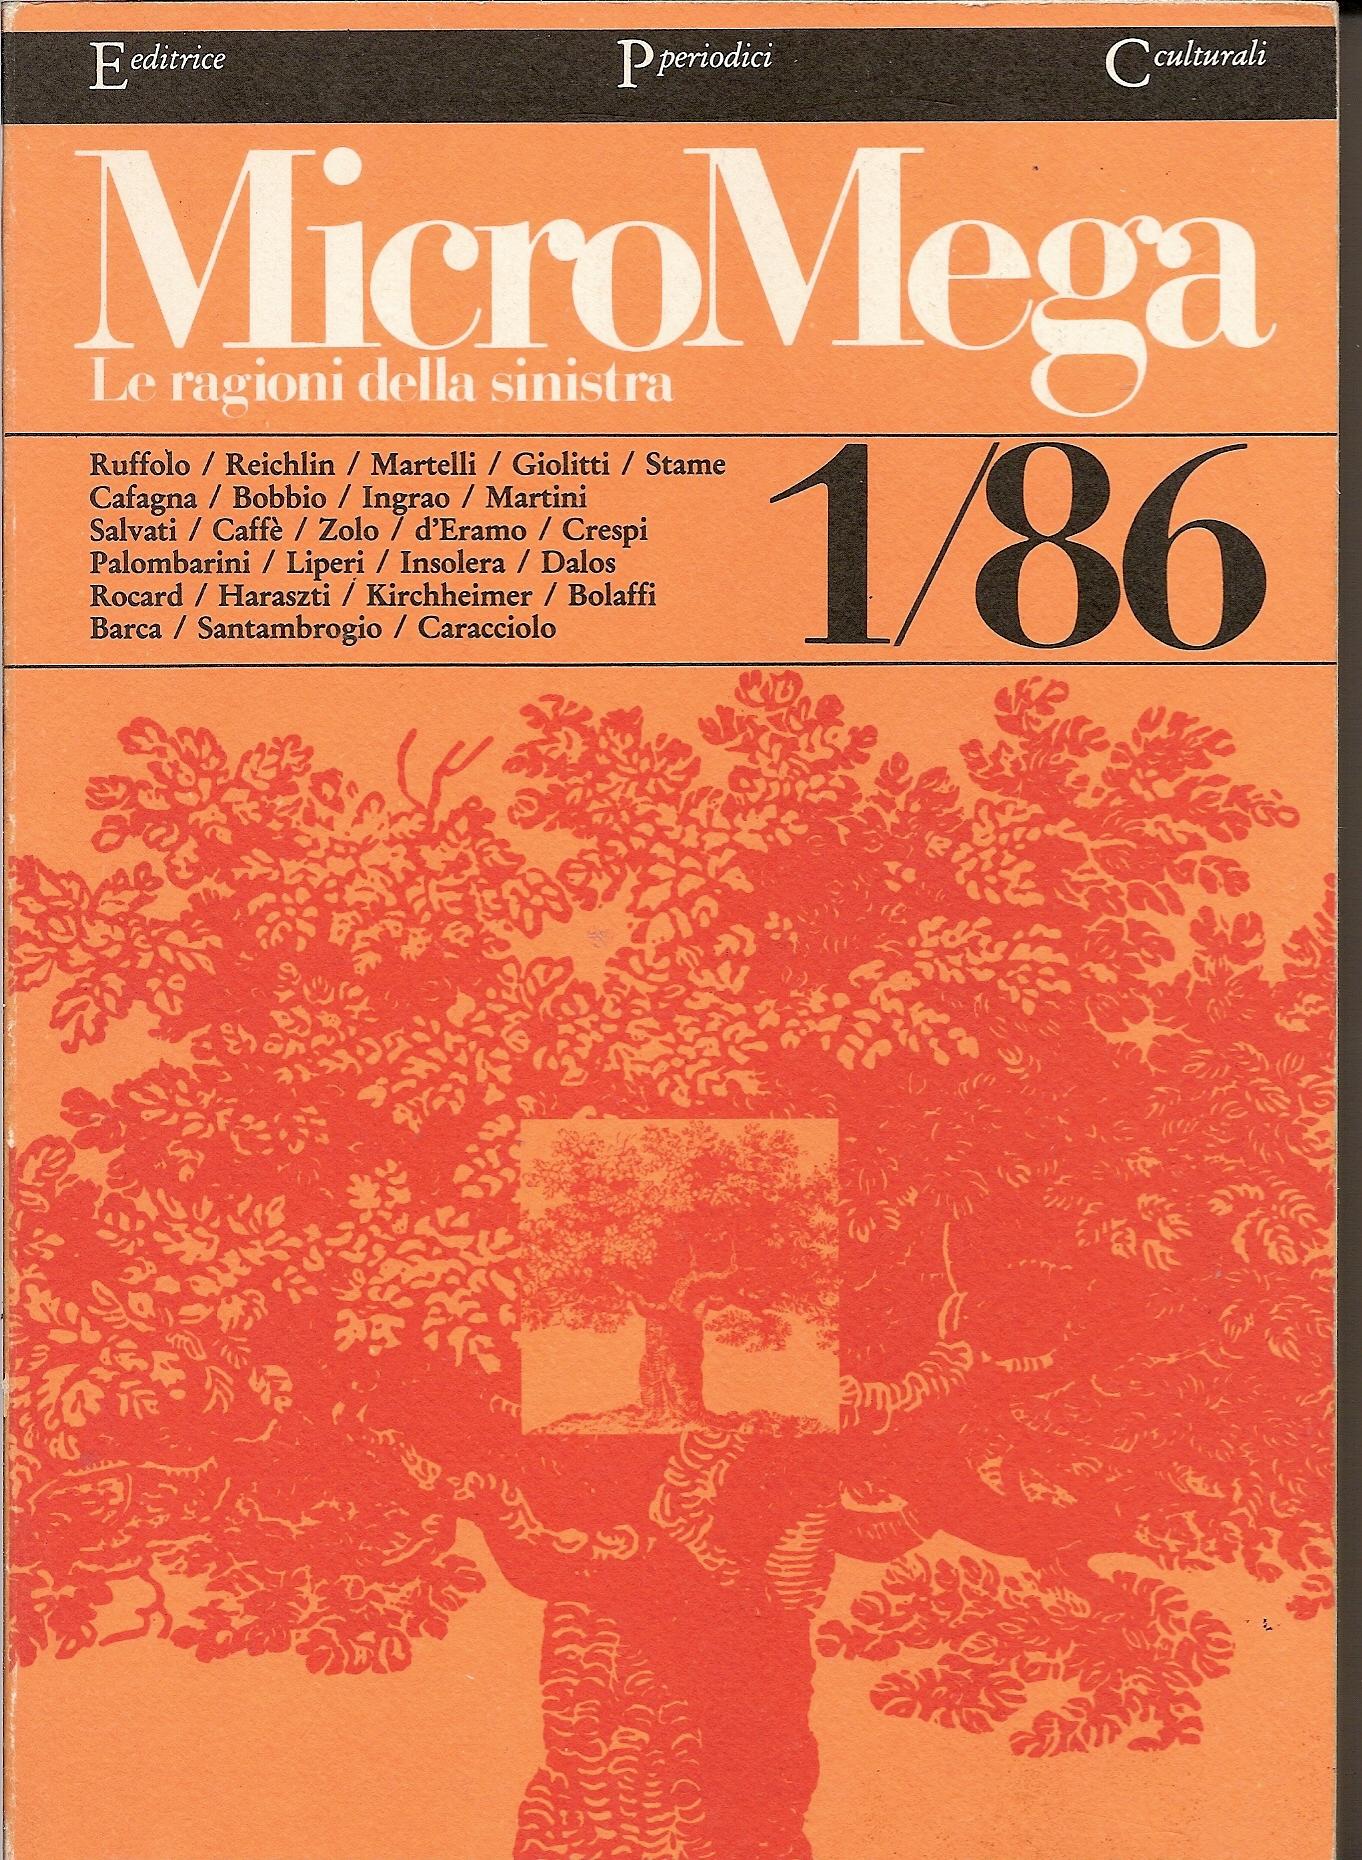 Micromega 1/86